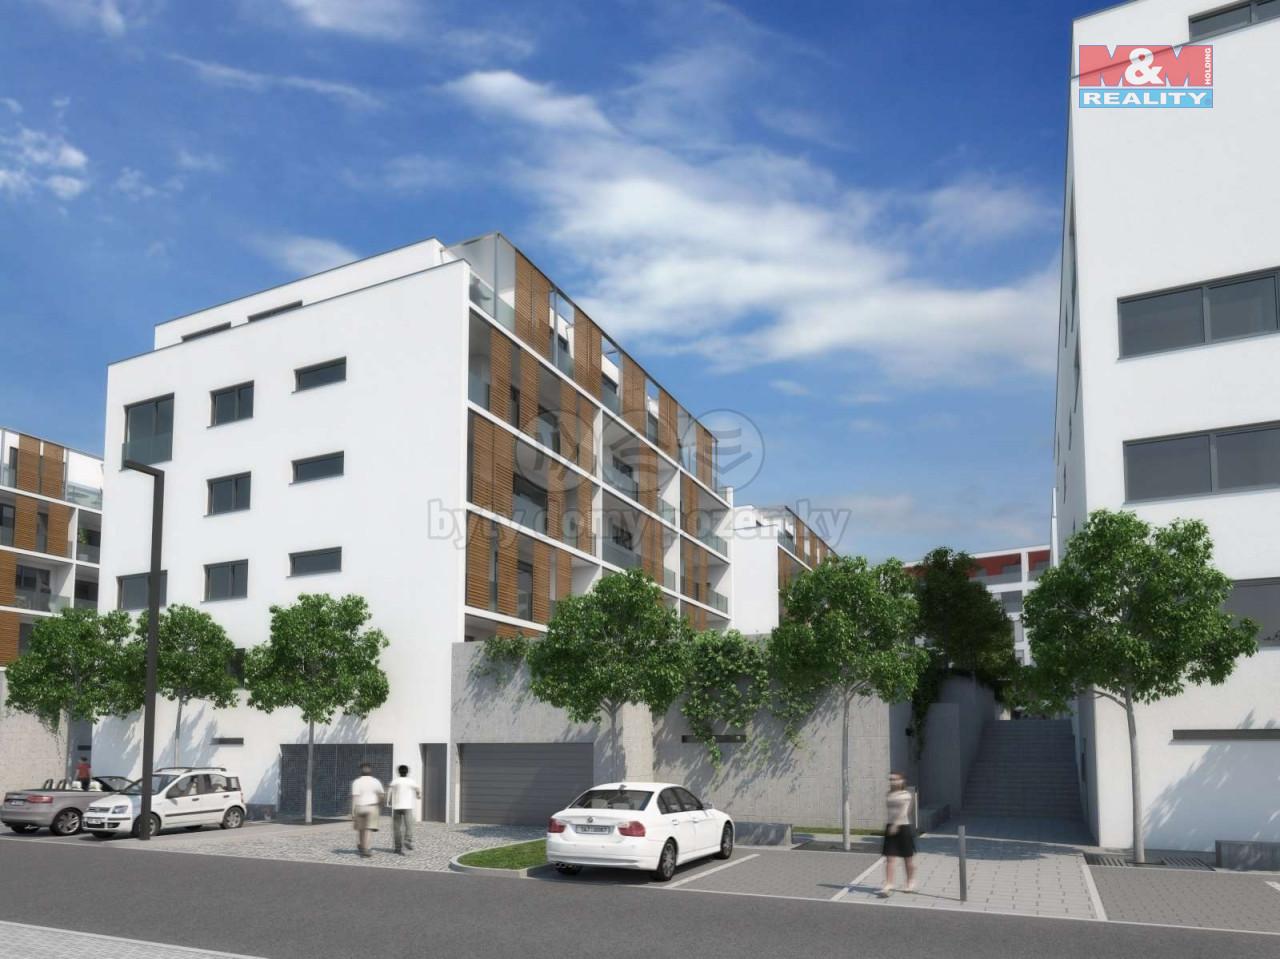 Prodej bytu 1+kk, 30 m², Olomouc, ul. Rokycanova